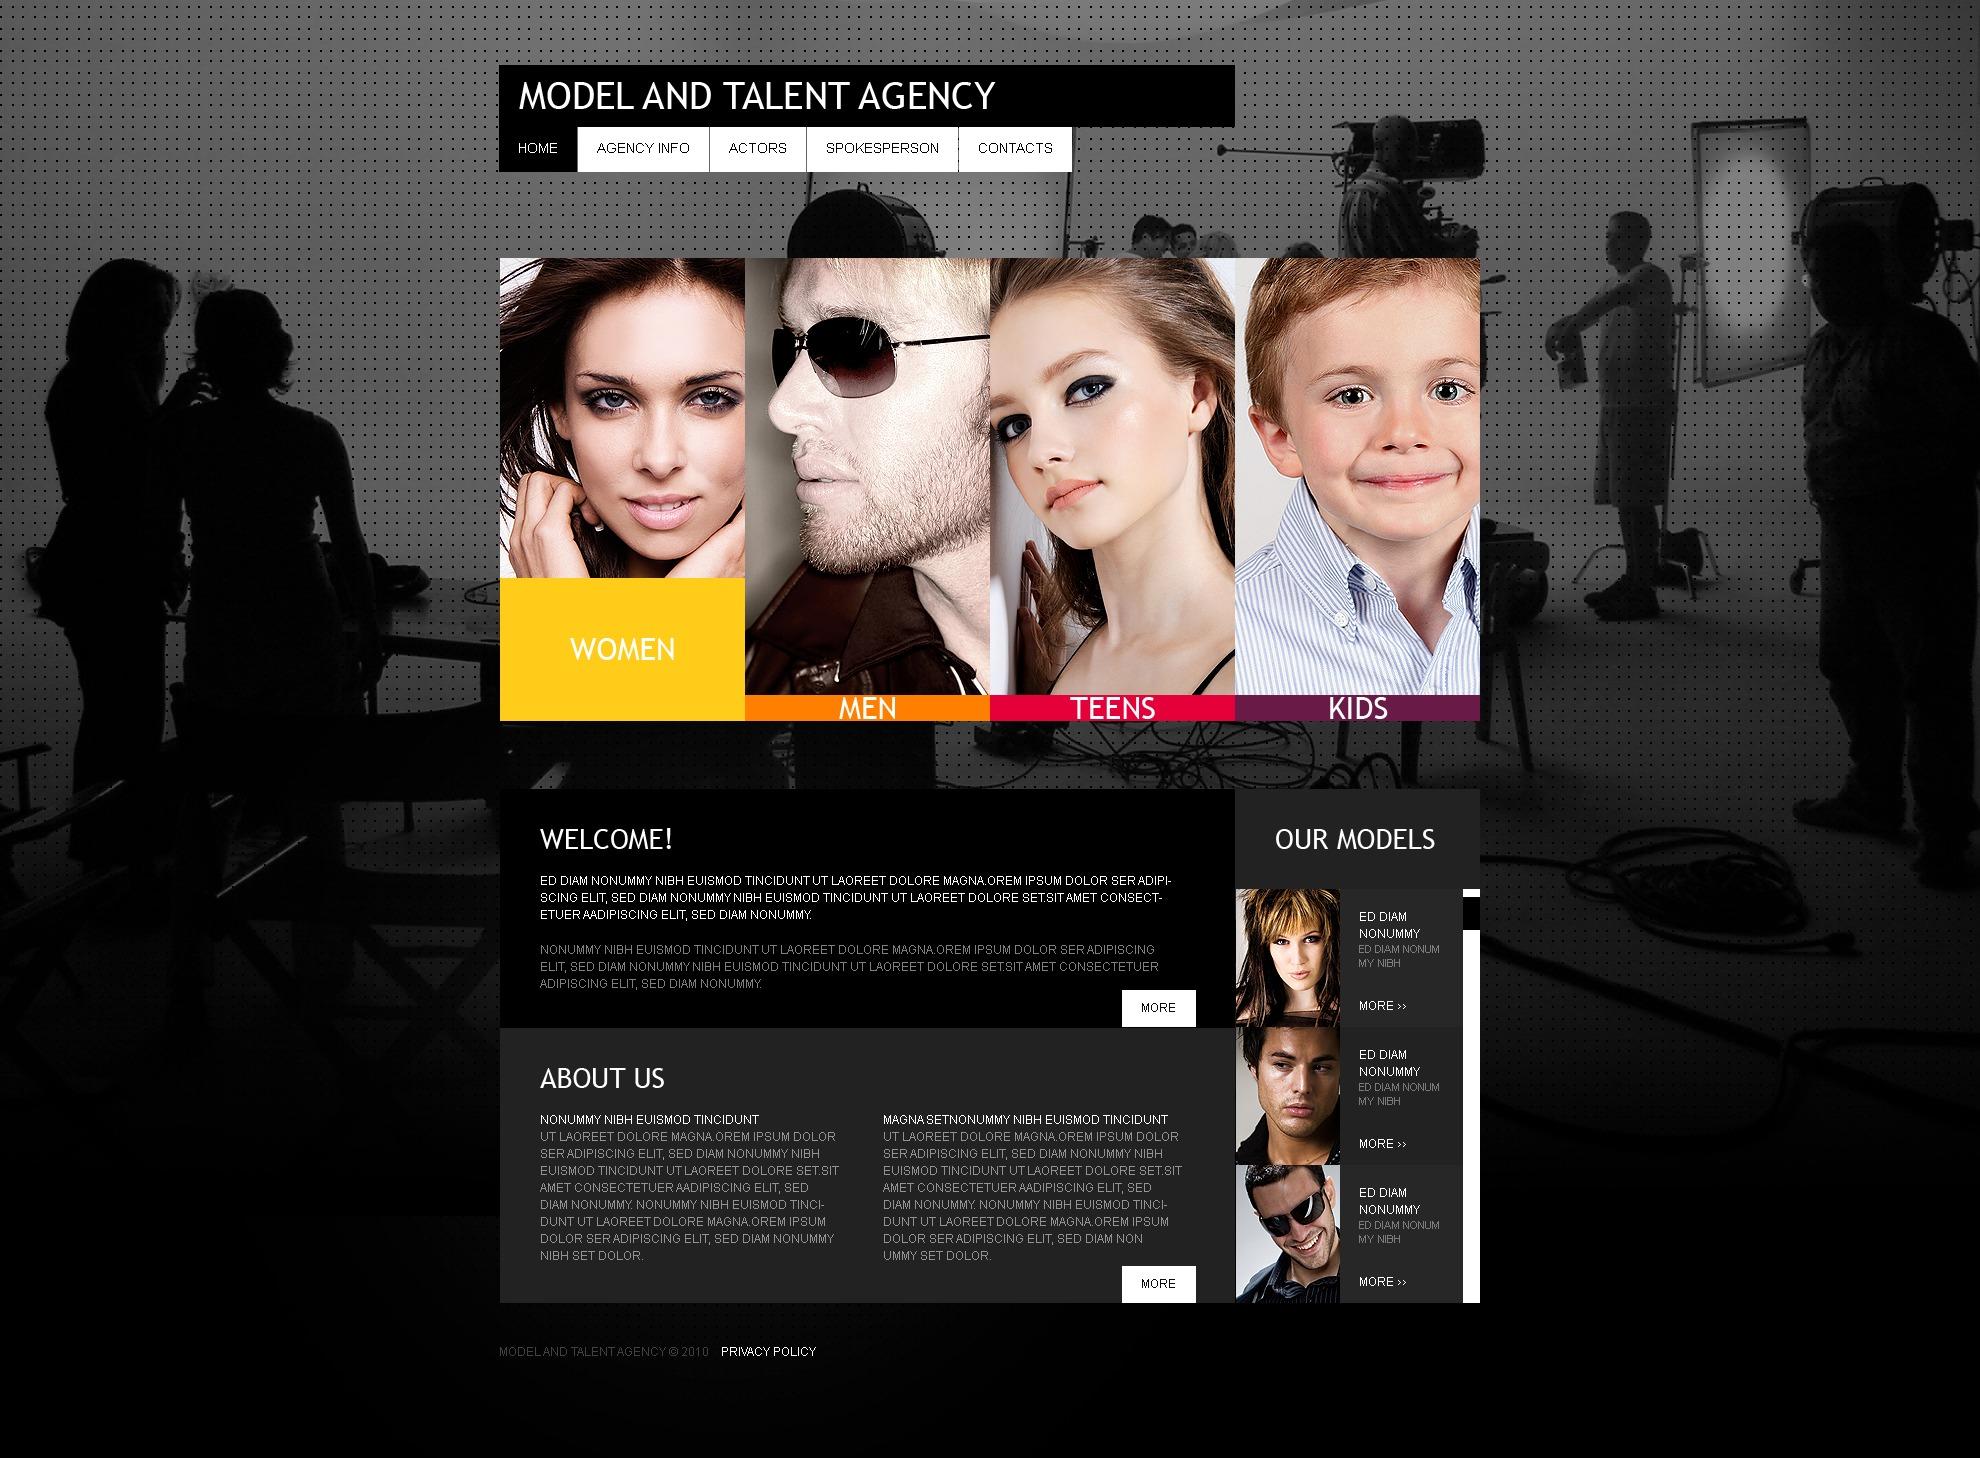 Template Photoshop para Sites de Agencia de Modelo №54220 - captura de tela